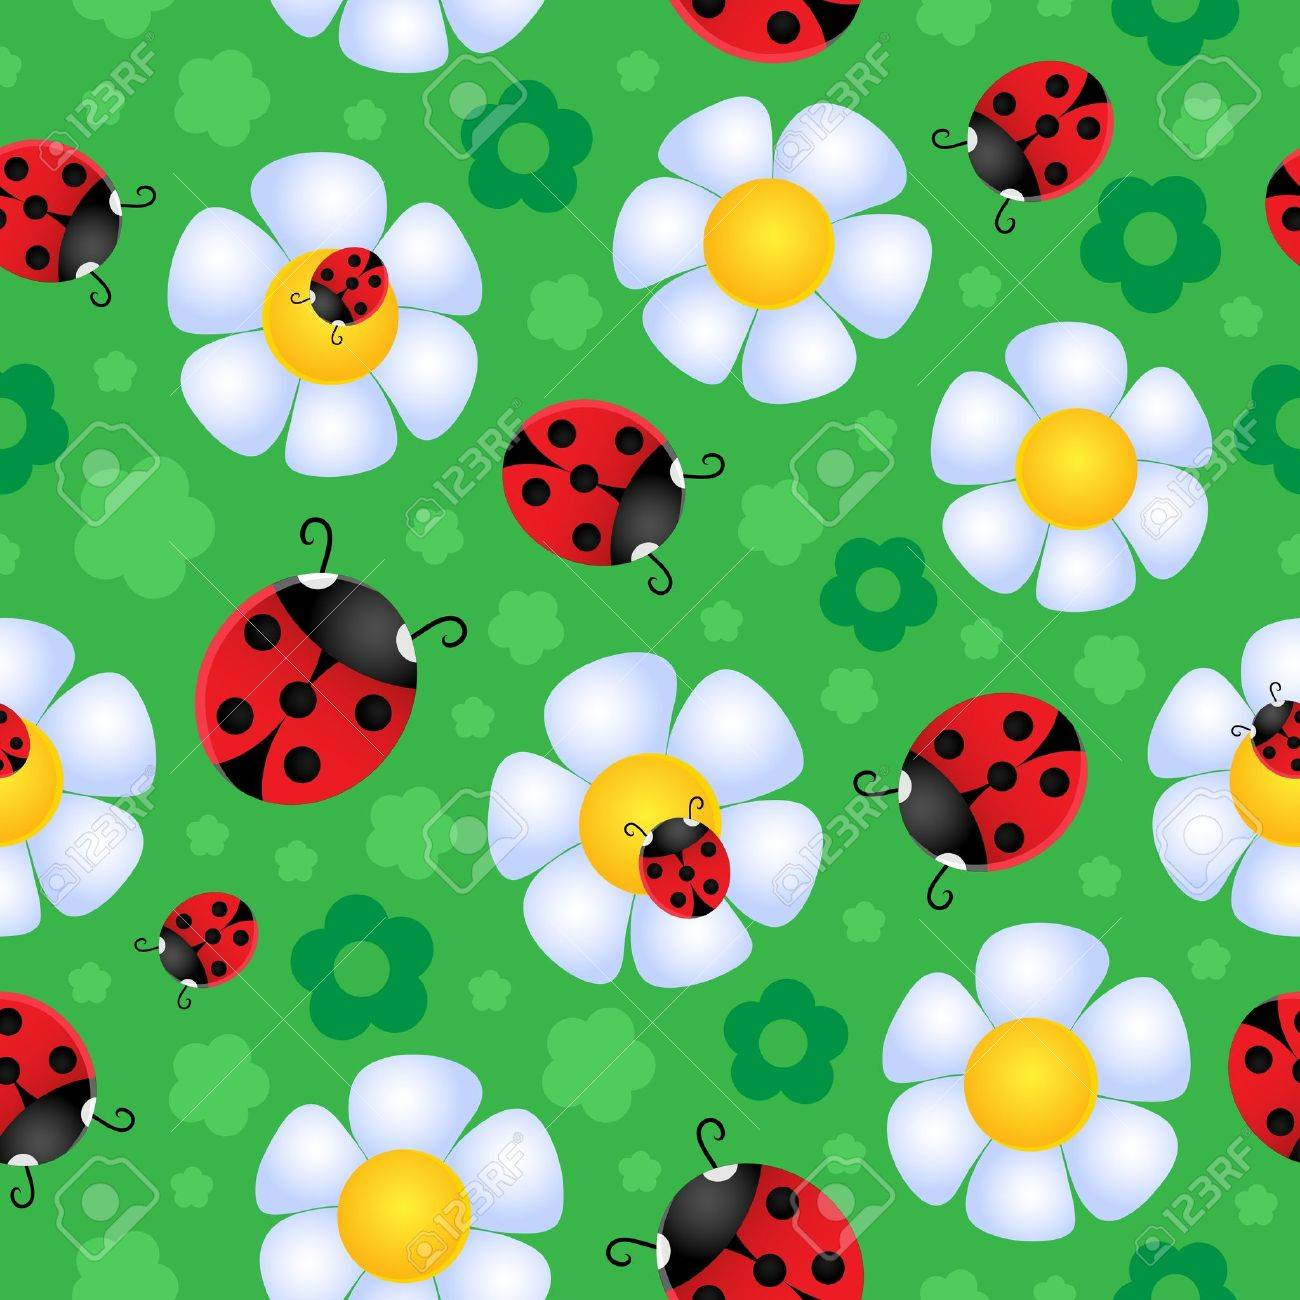 ladybug images u0026 stock pictures royalty free ladybug photos and